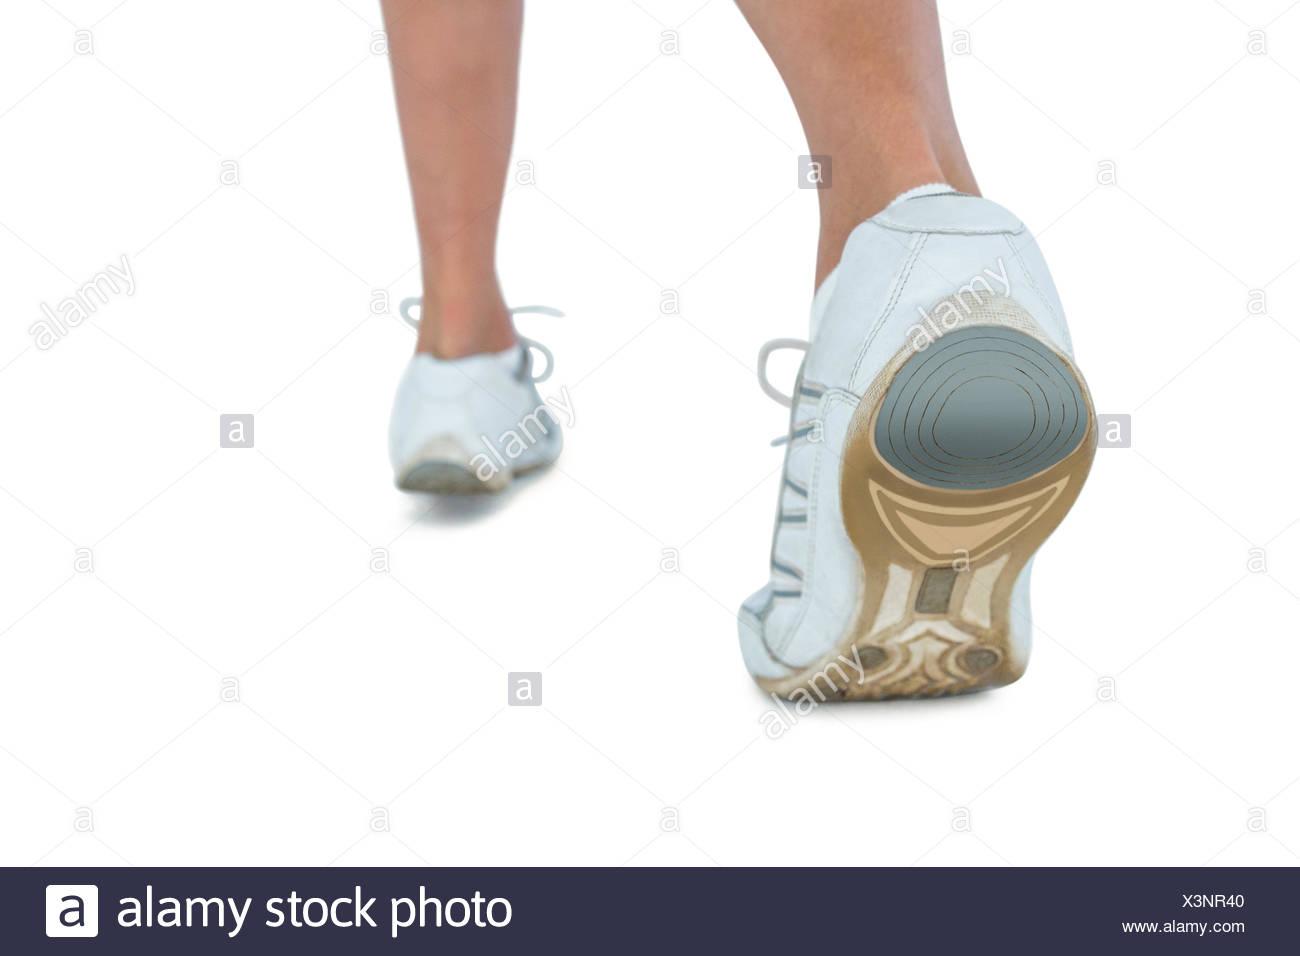 La section basse de femme portant la chaussure de sport le jogging Photo Stock